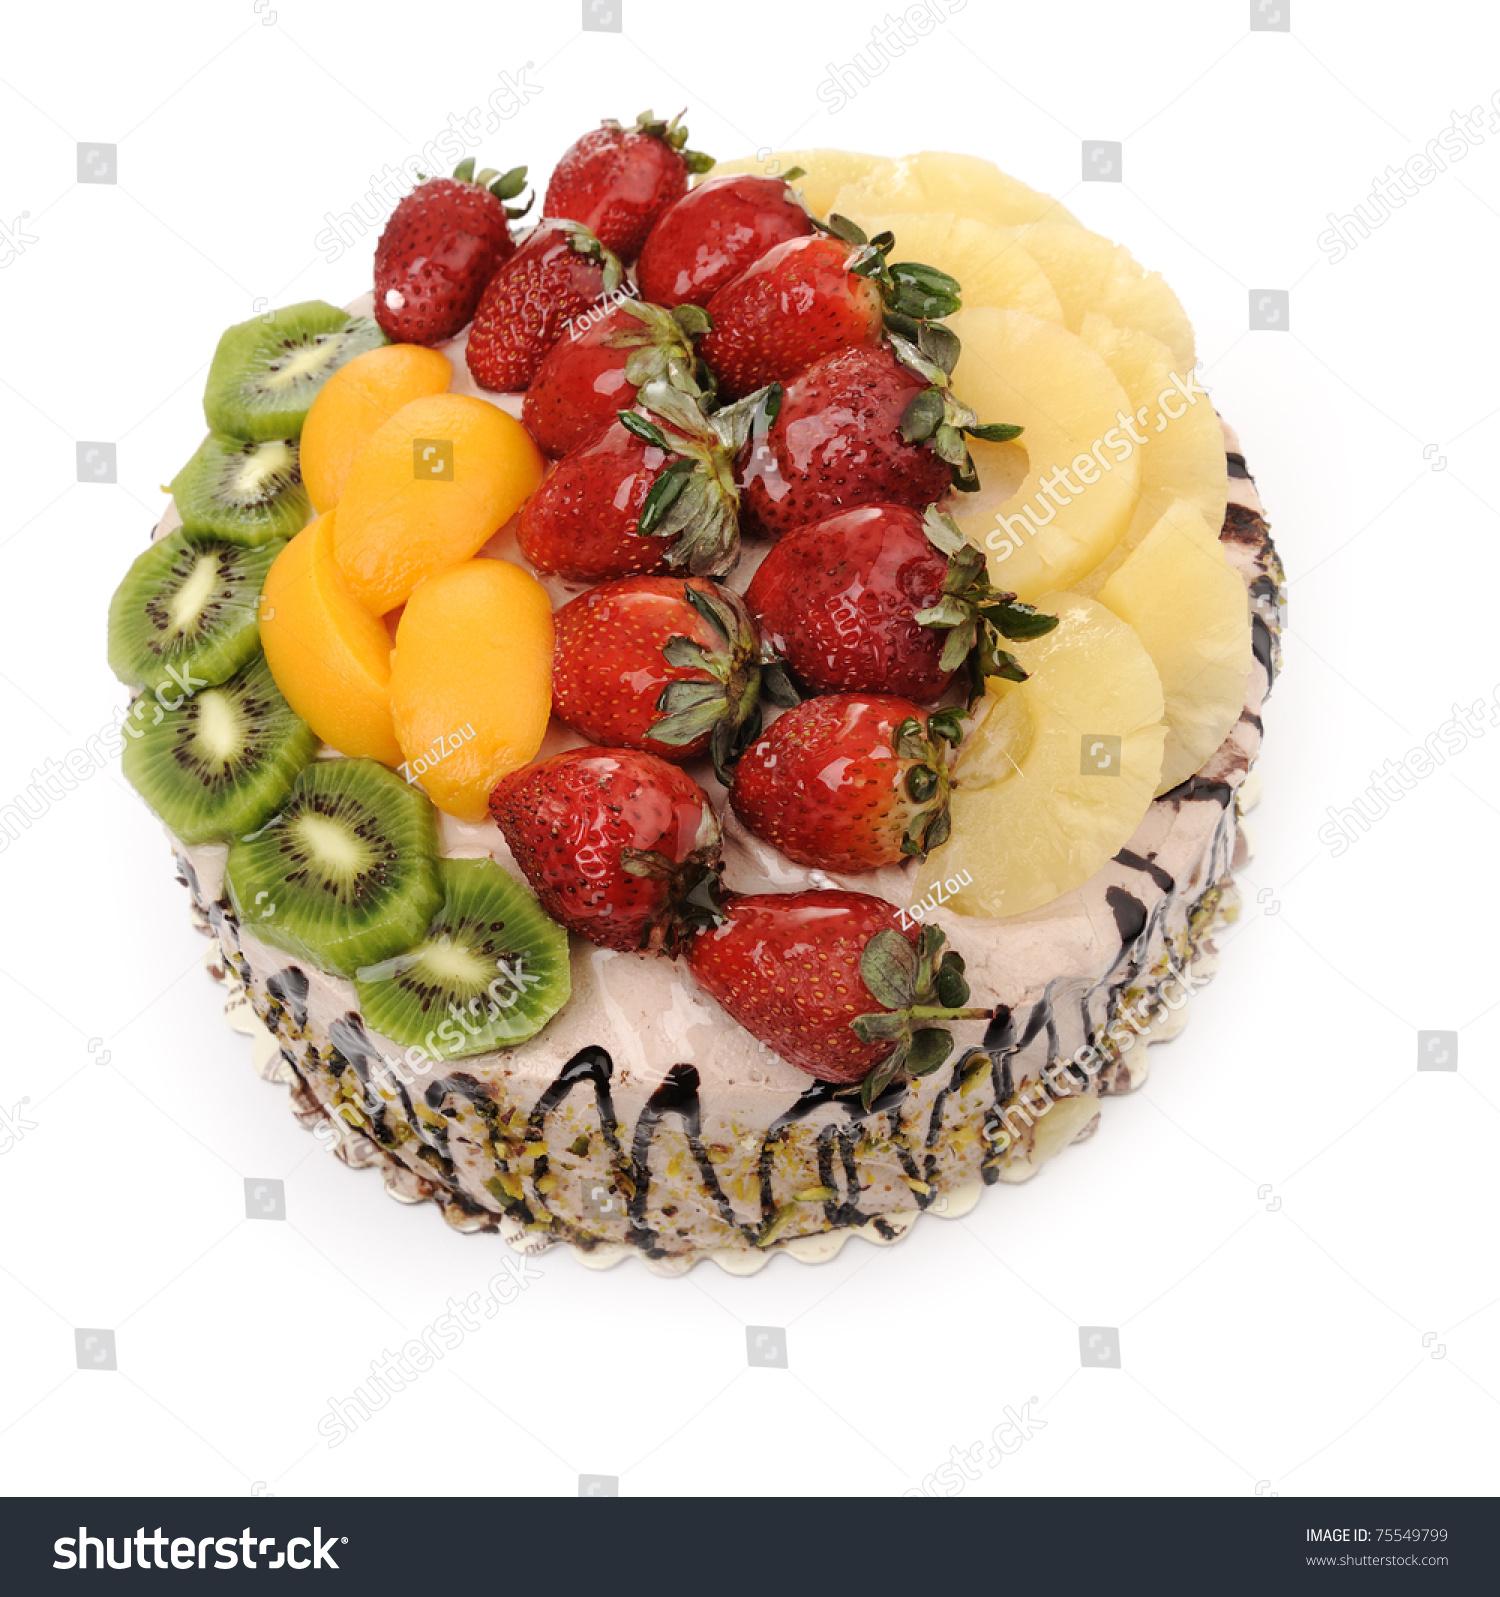 Beautiful Fruit Cake Images : Beautiful Decorated Fruit Cake Stock Photo 75549799 ...